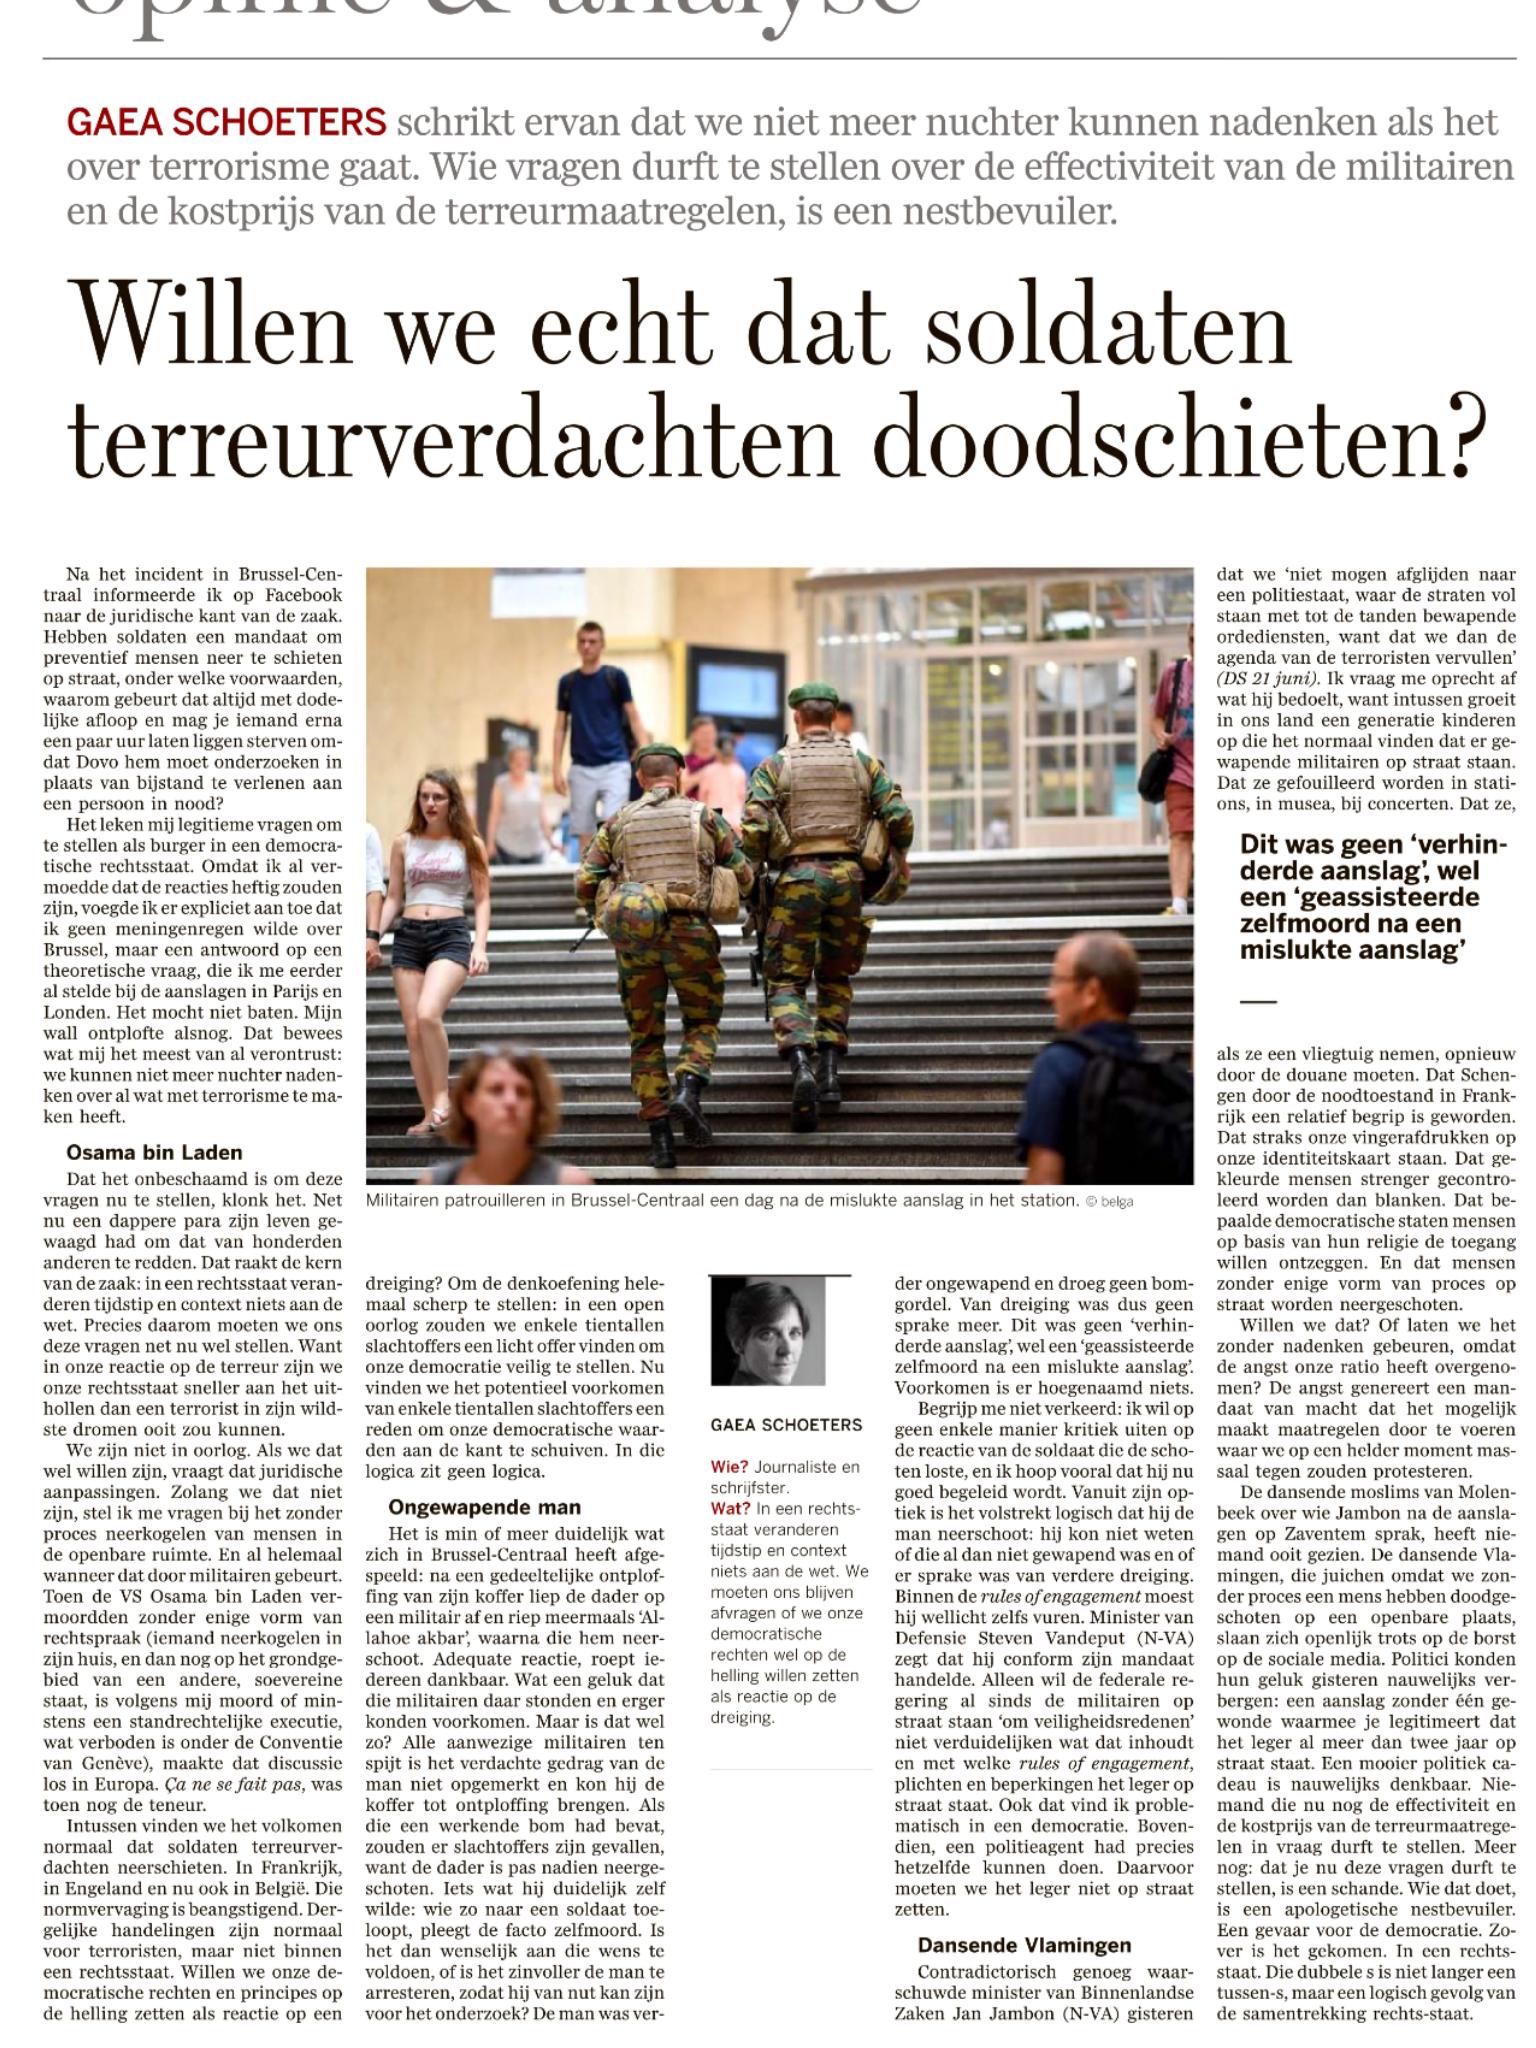 Willen we echt dat militairen terroristen neerschieten? #dsopinie